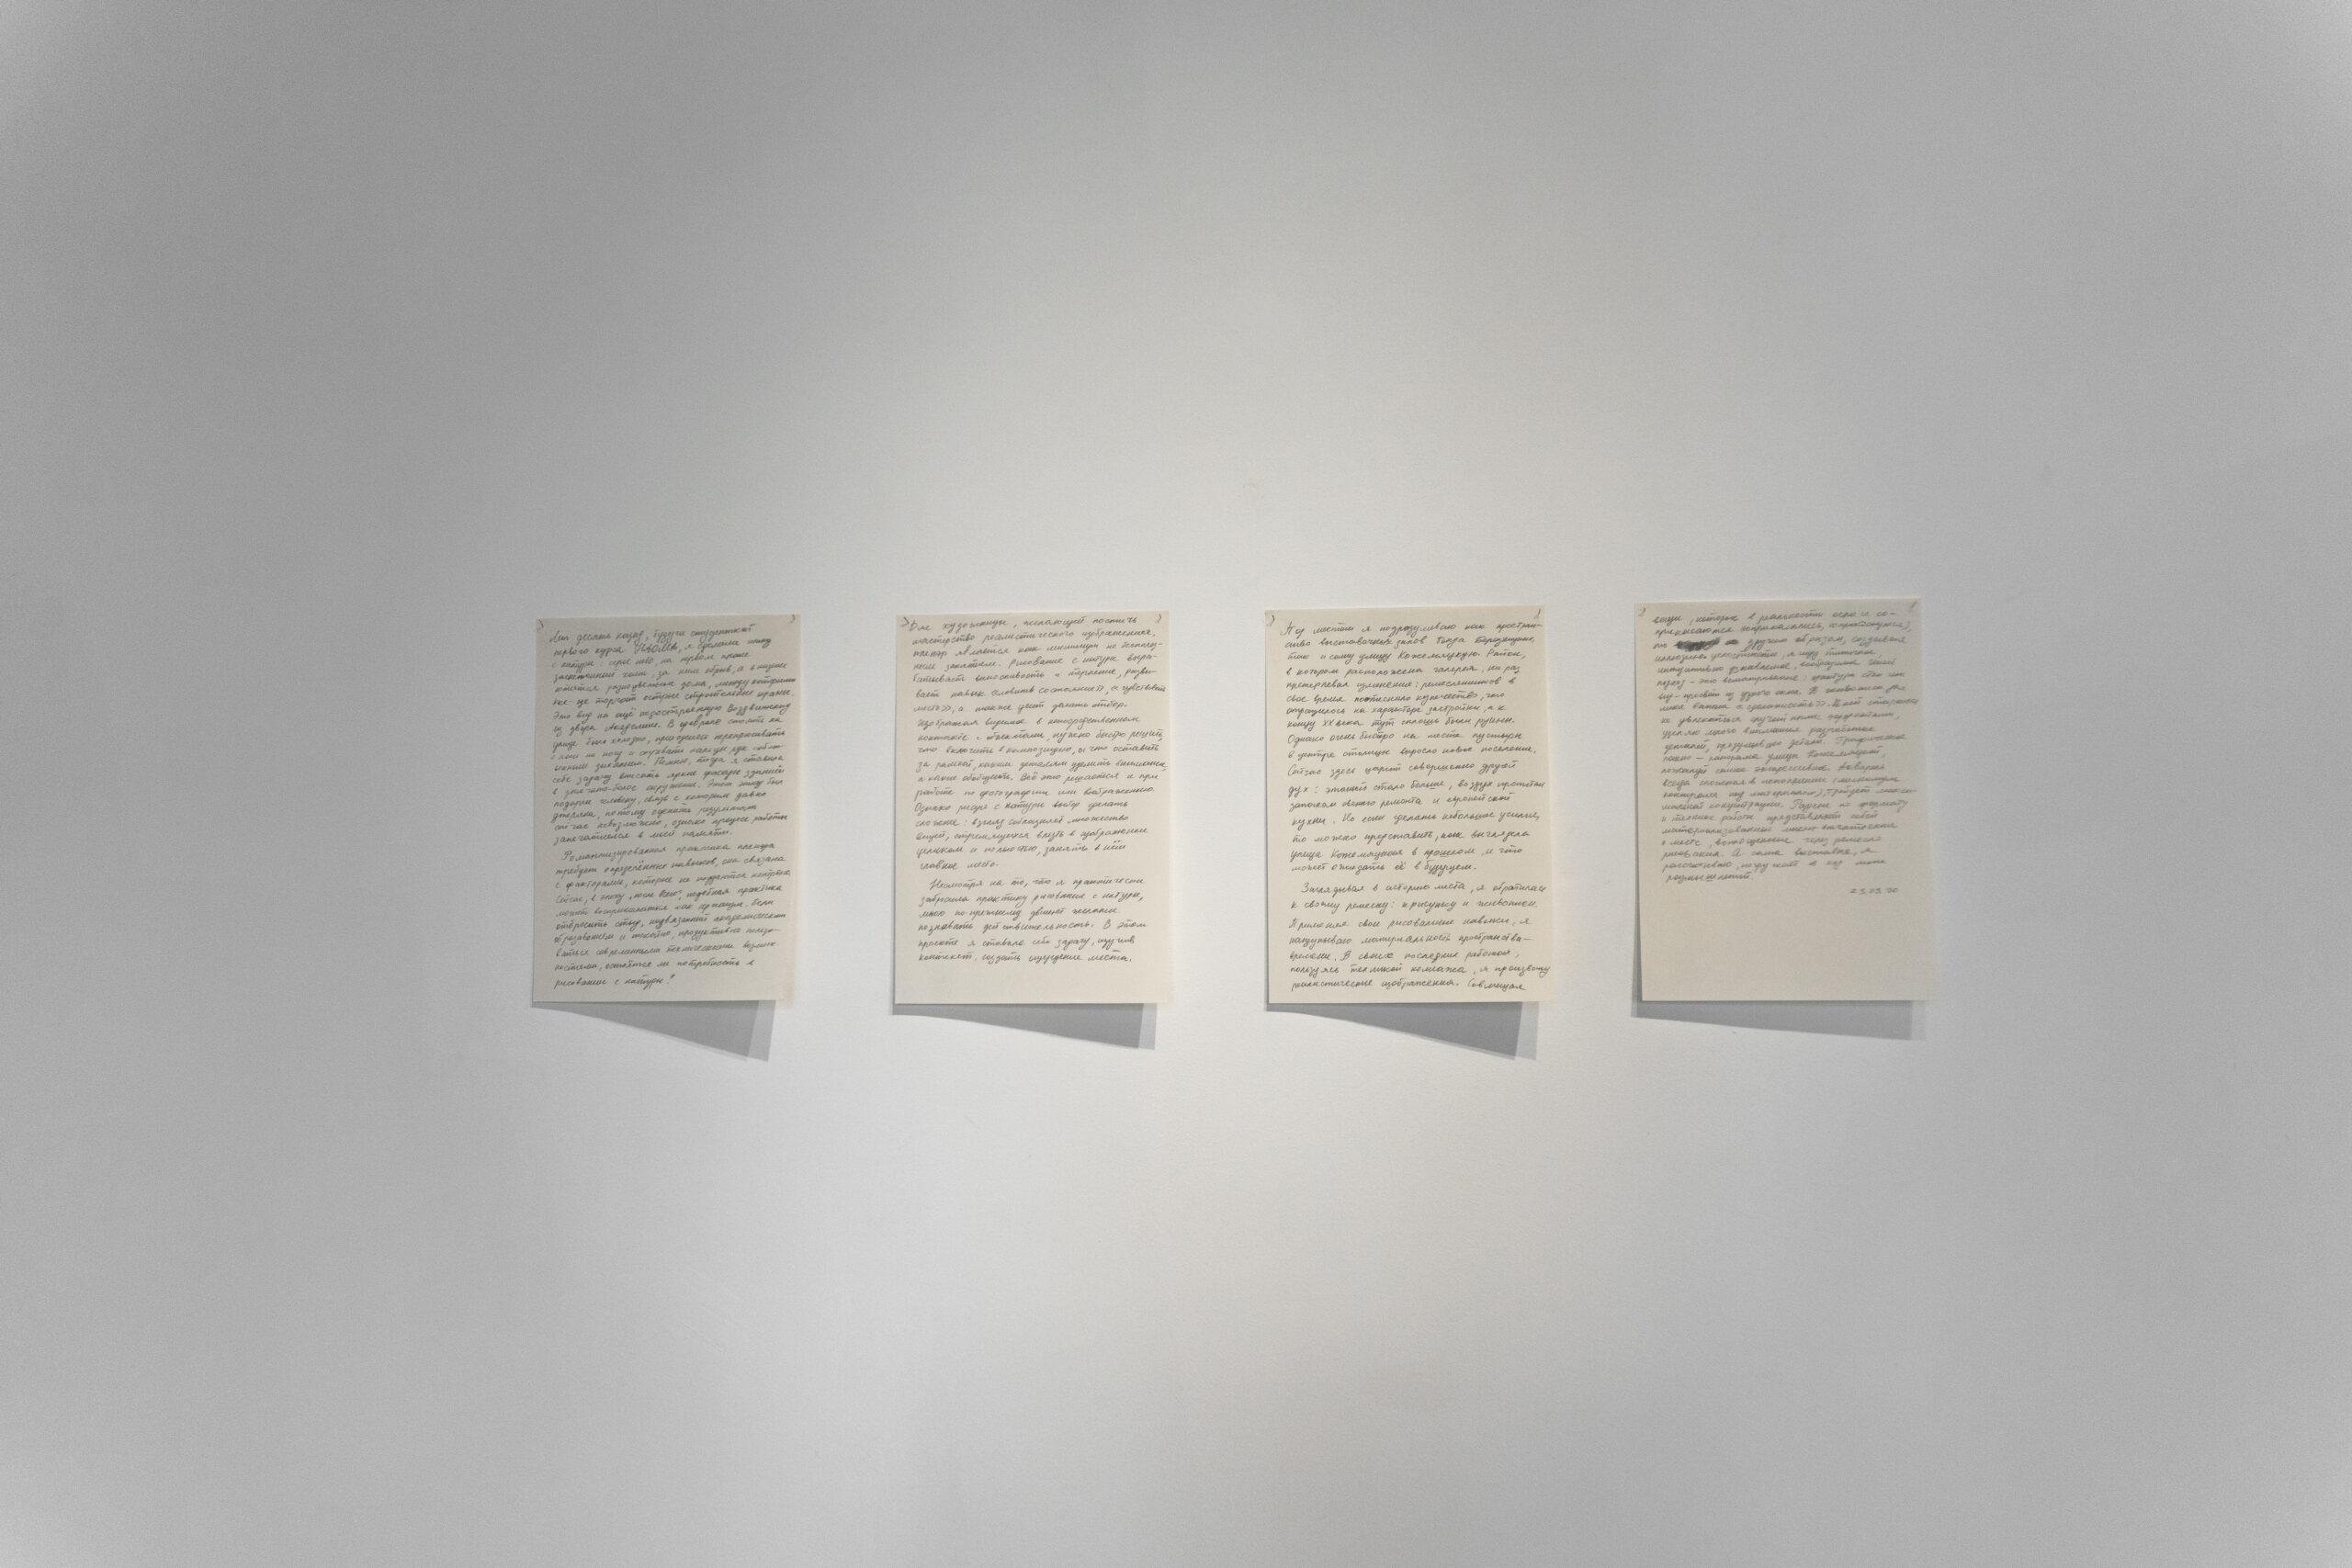 Анна Щербина. Фото з виставки «Вхід з Кожум_яцької», Bereznitsky Art Foundation Gallery, 2020